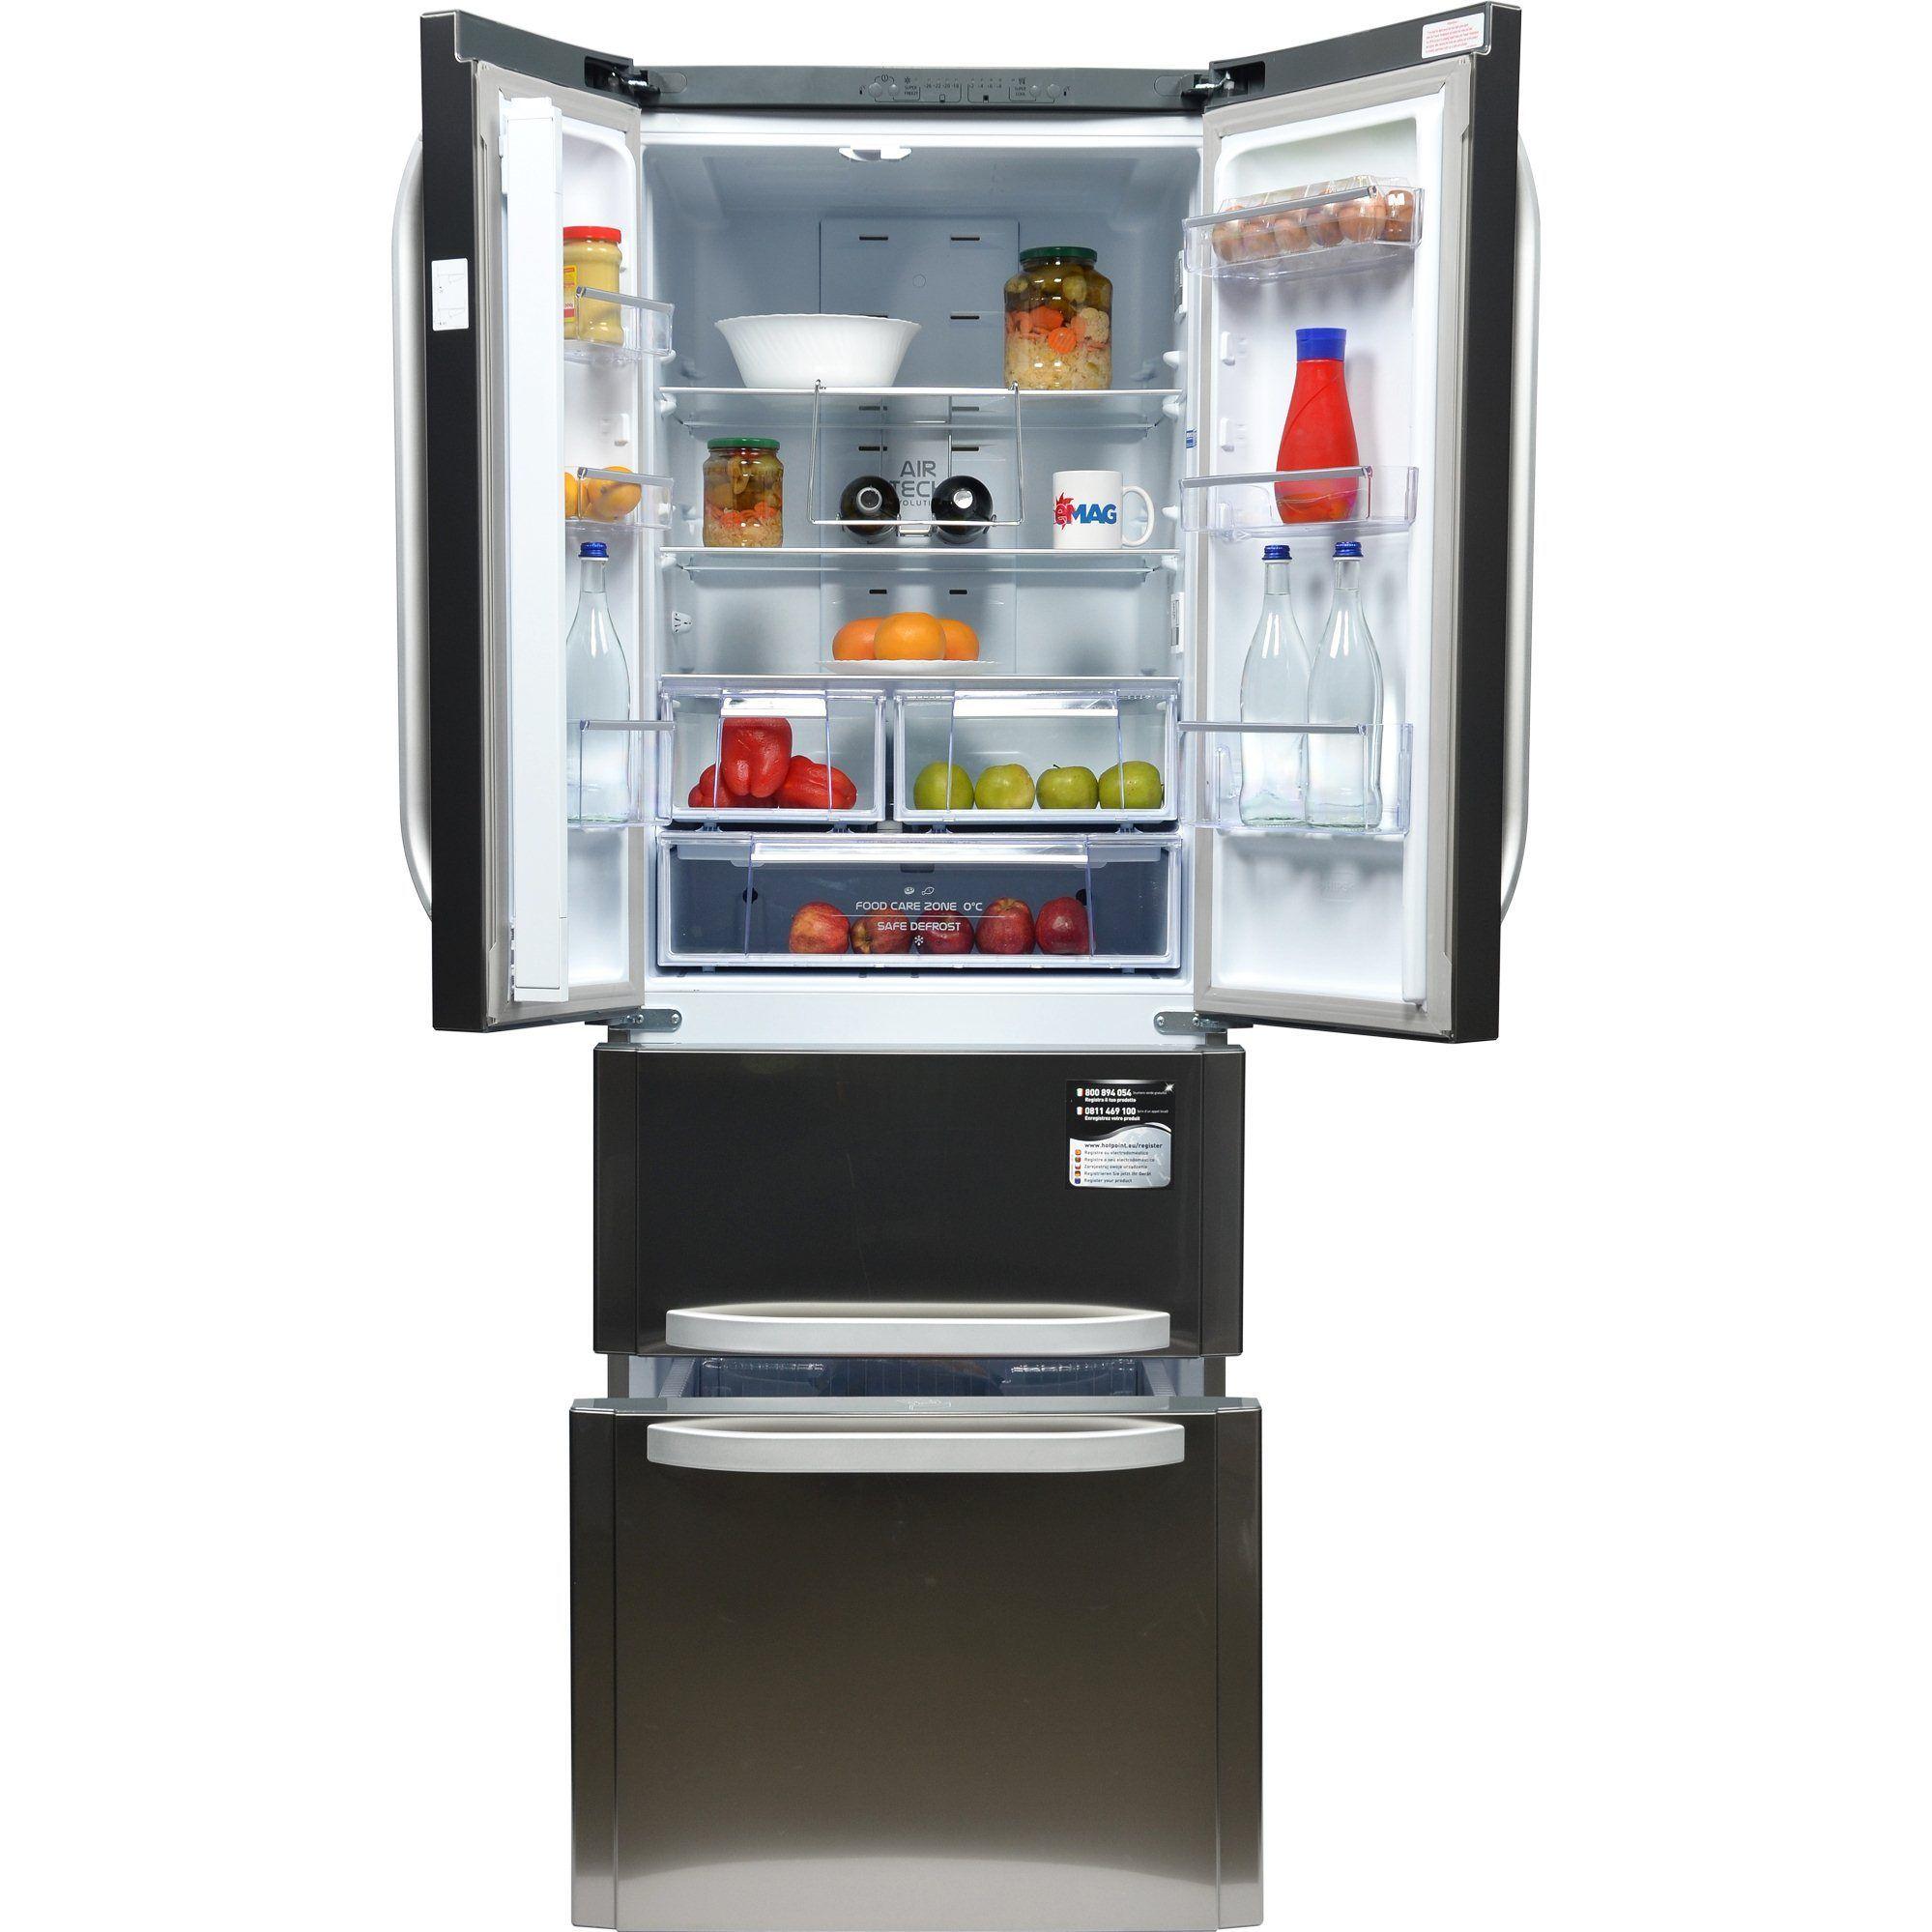 Combina frigorifica HotpointAriston Quadrio E4DAAXC, 470